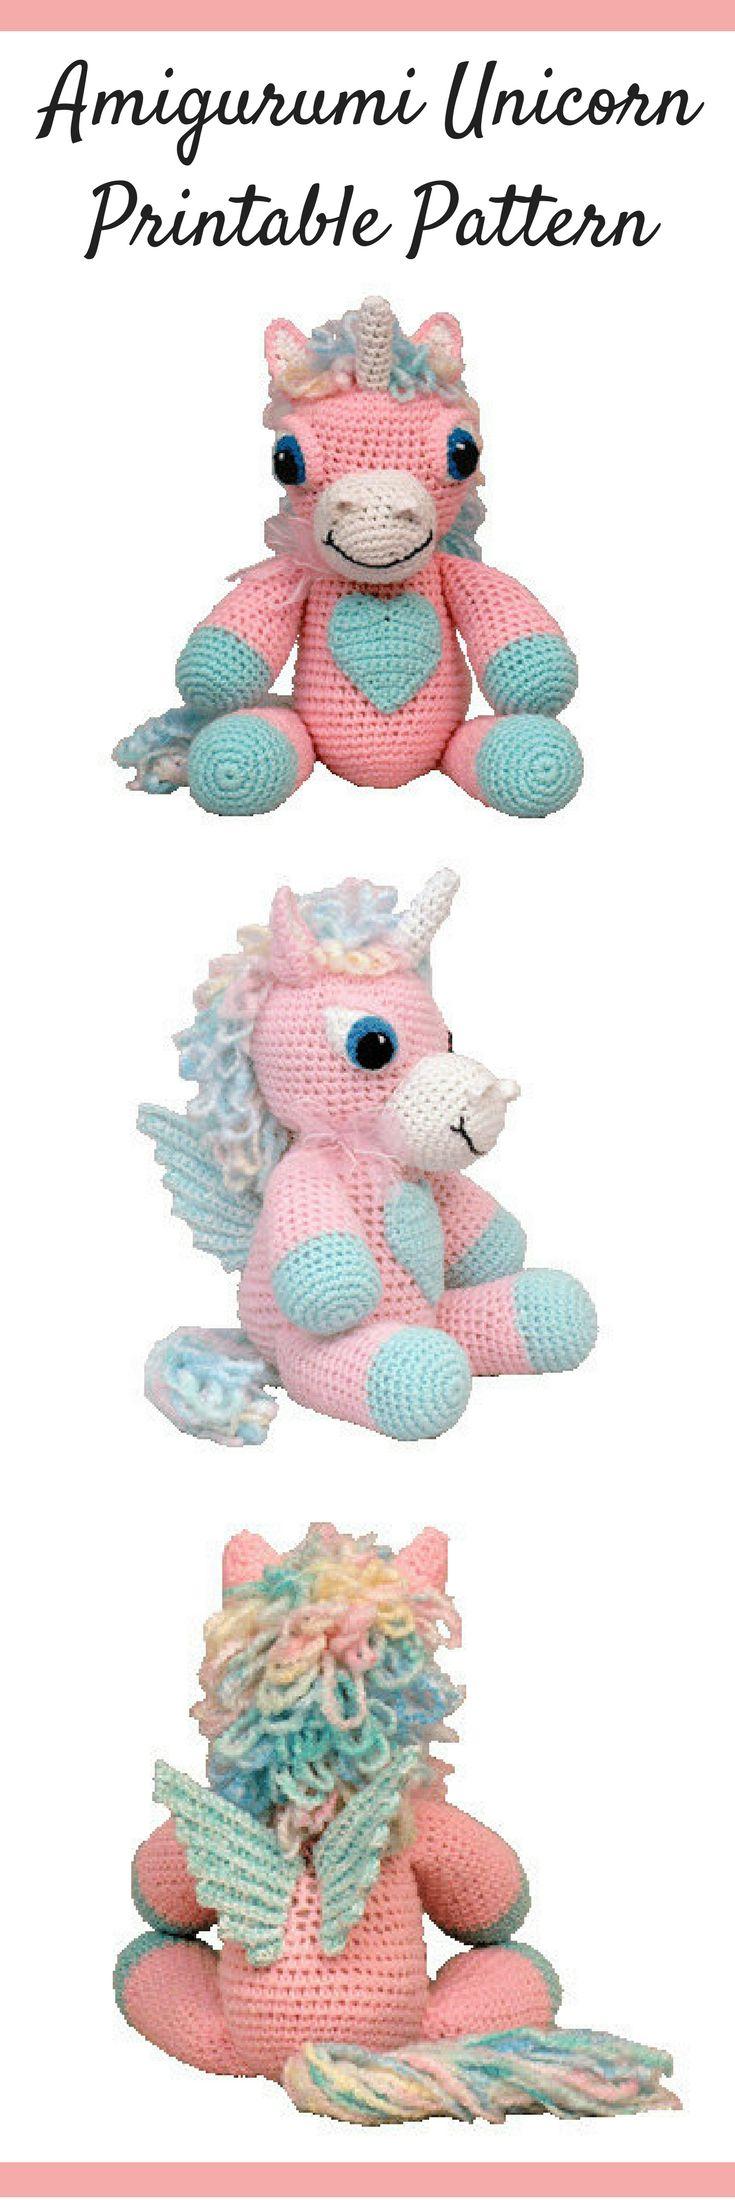 147 besten Brilliant star wars crochet dolls Bilder auf Pinterest